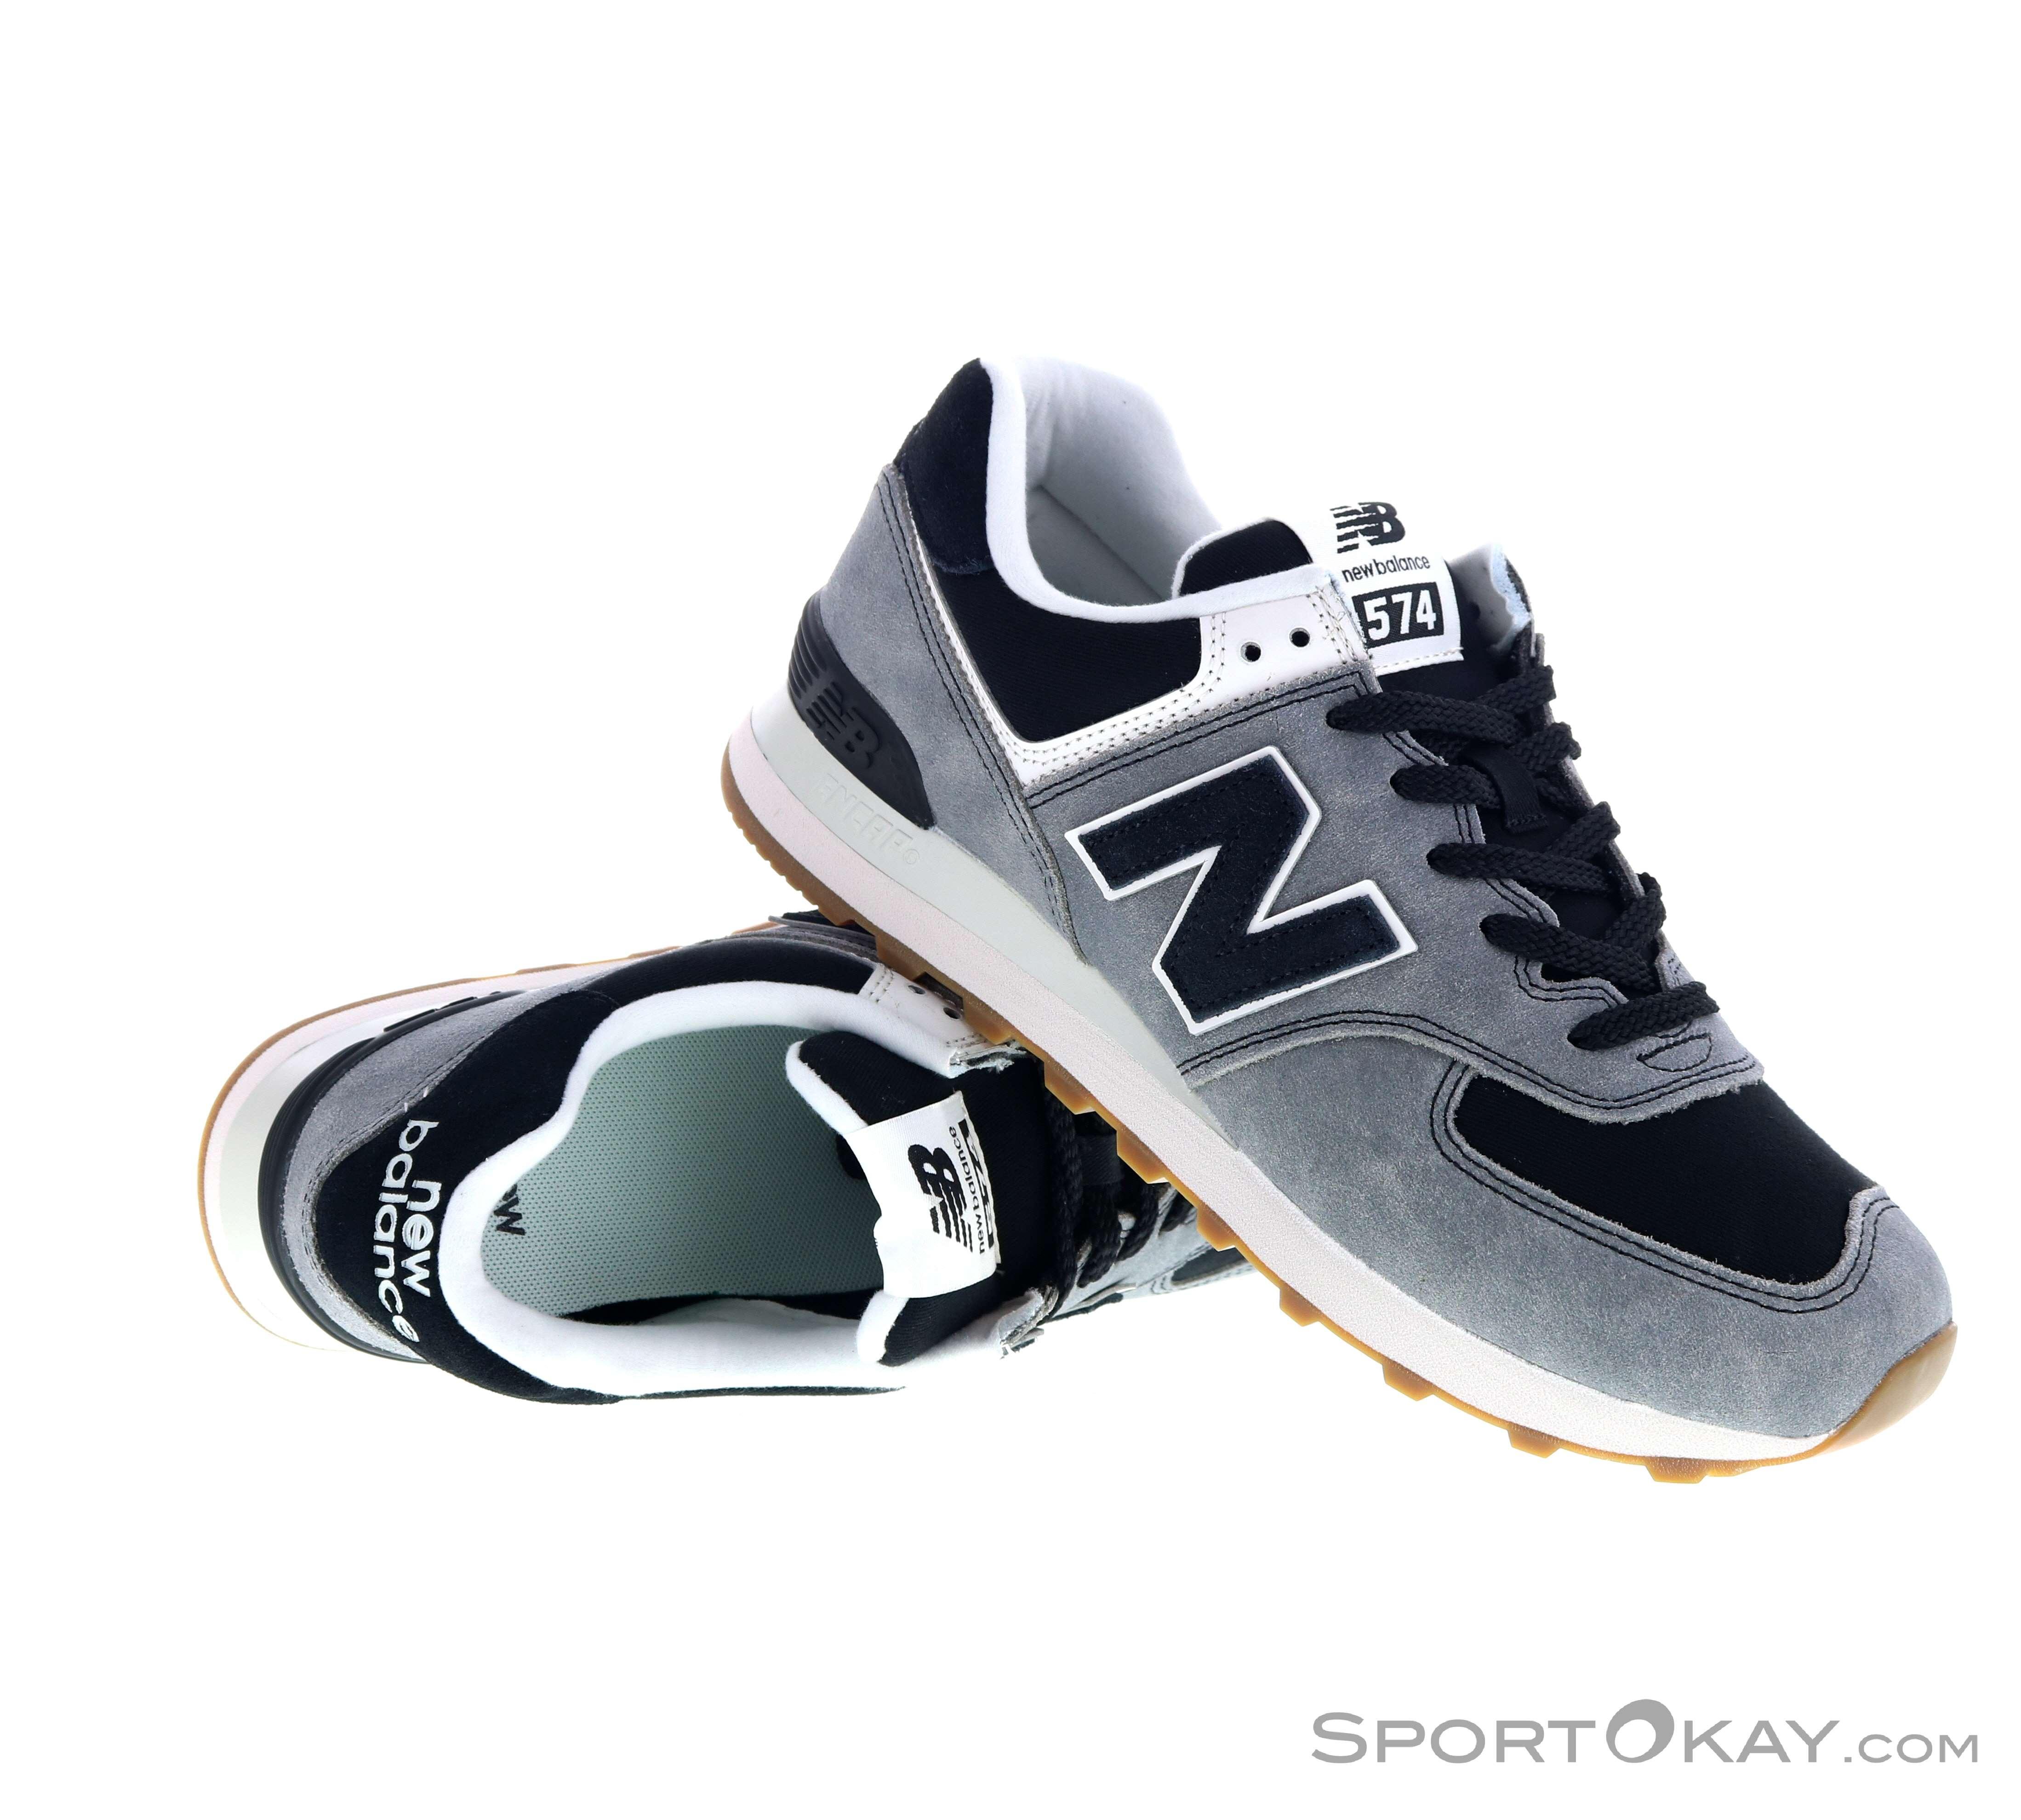 New Balance 574 Herren Freizeitschuhe - Leisure Shoes ...